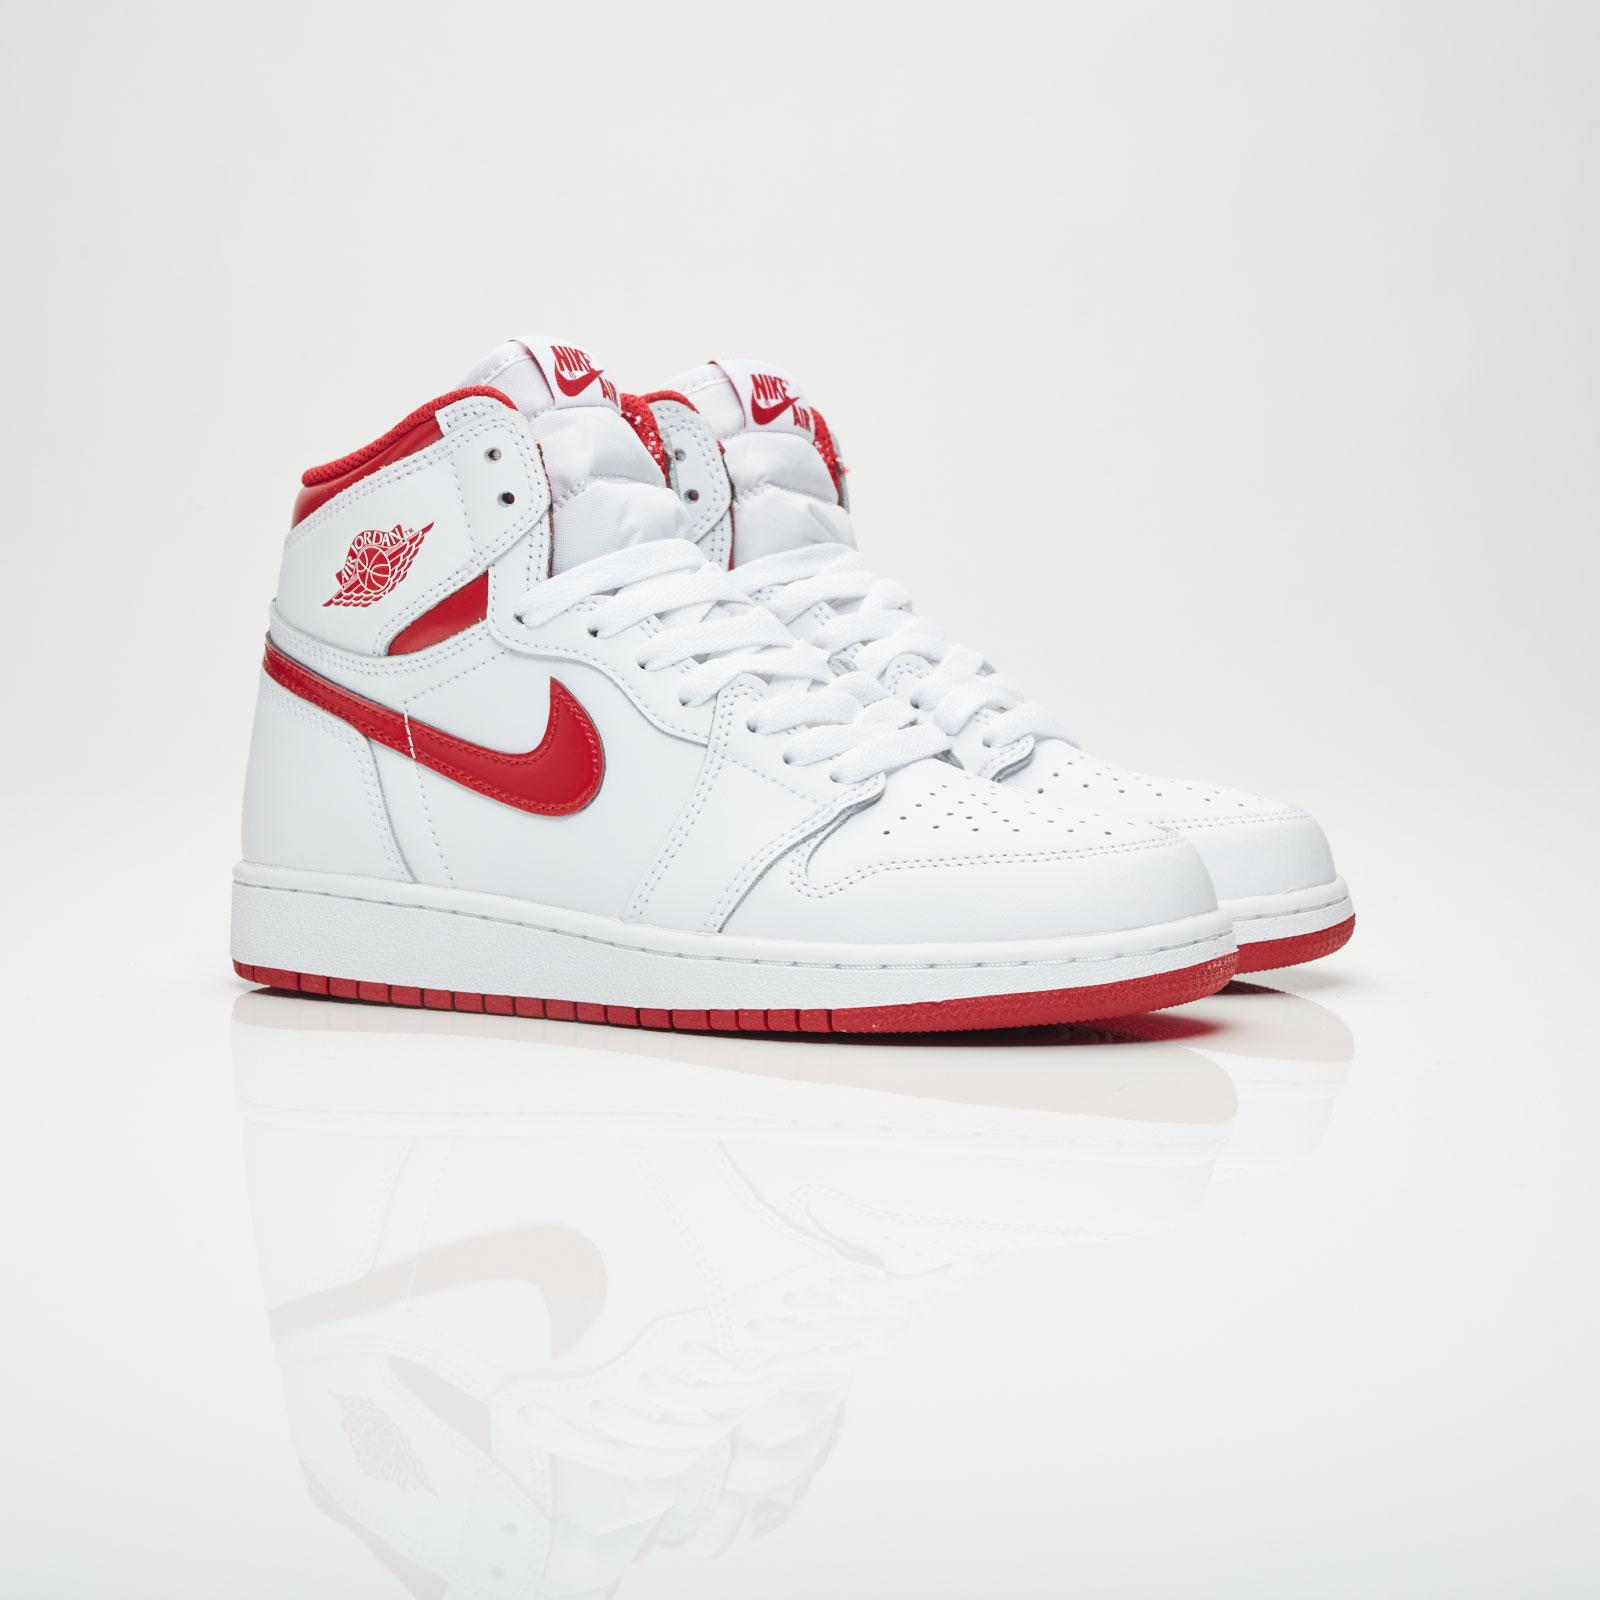 sale retailer 1e815 df1c8 Jordan Brand Air Jordan 1 Retro High OG (GS)